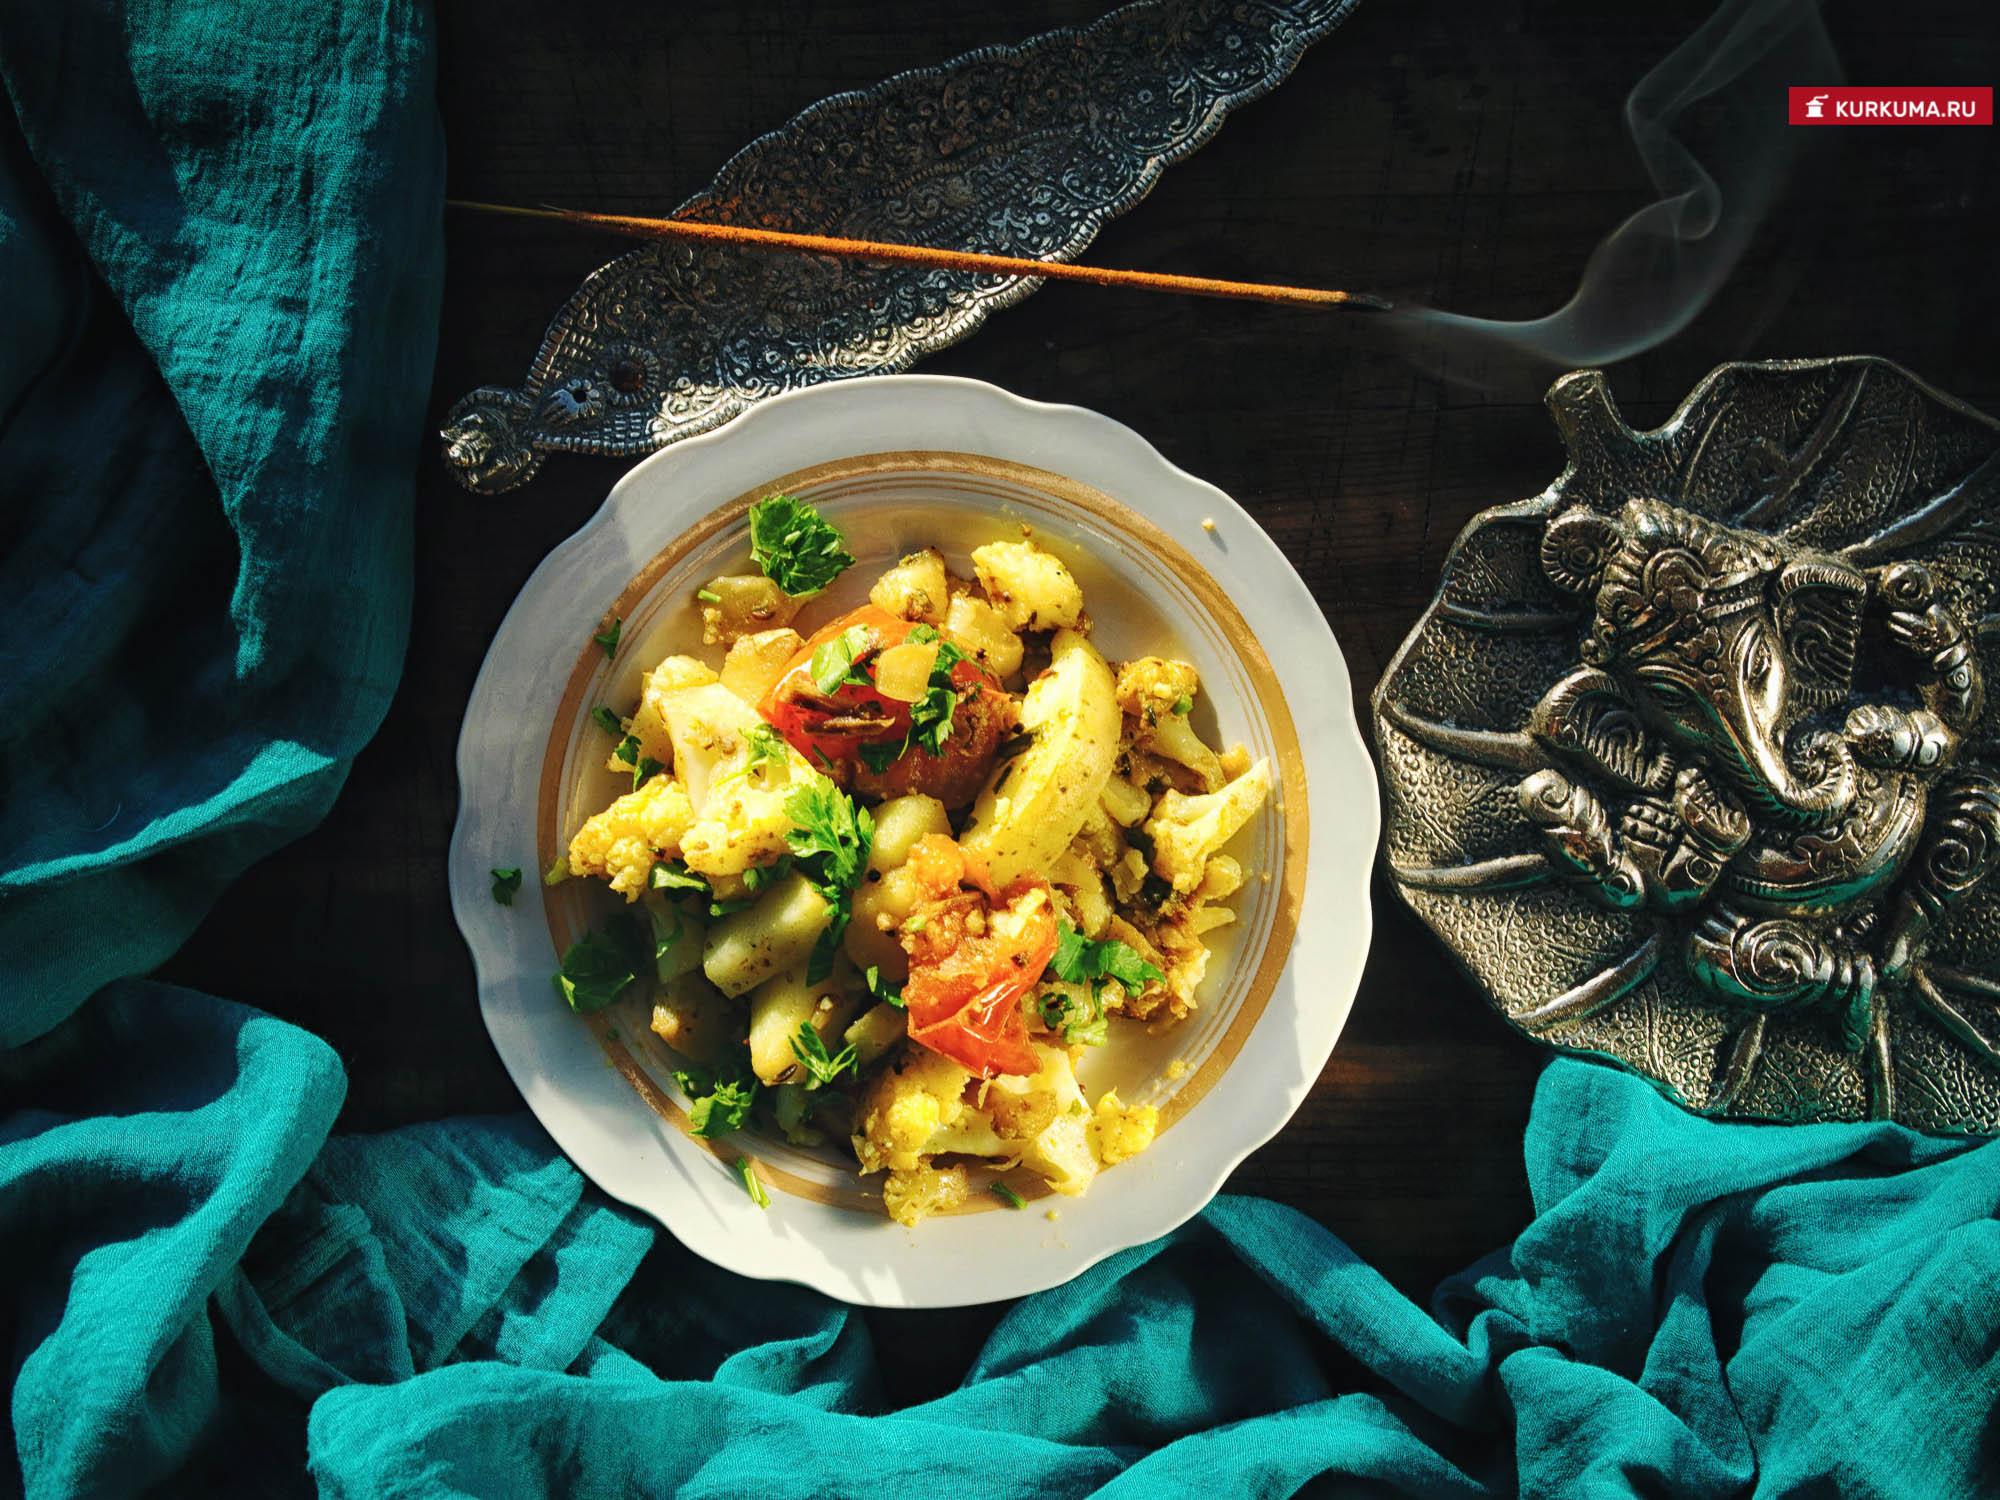 Пряная цветная капуста с картофелем - рецепт